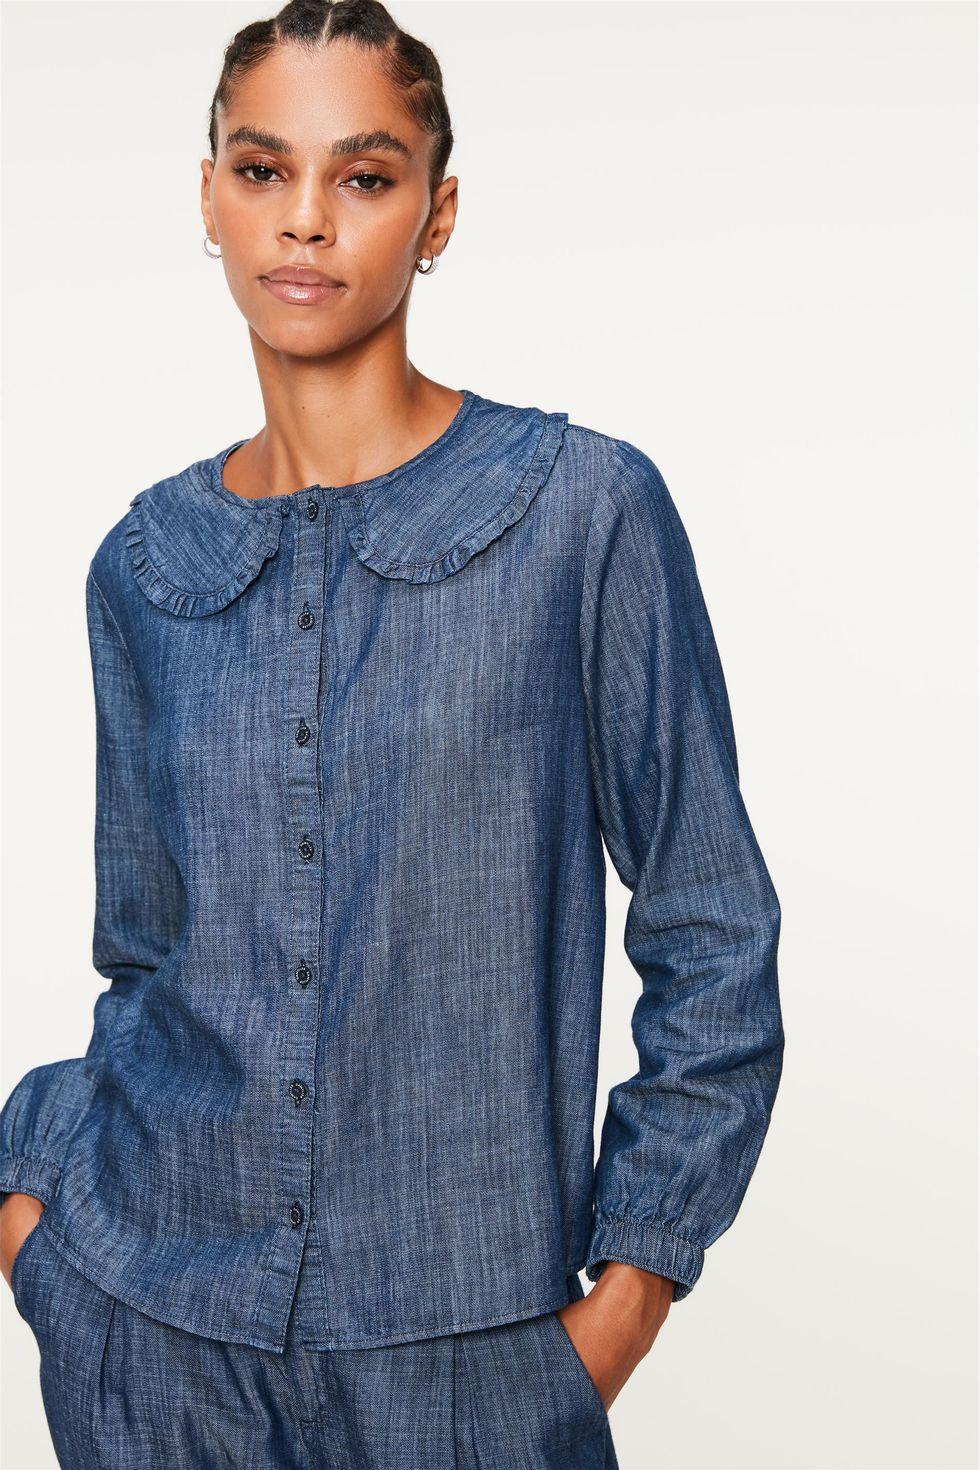 Camisa-Jeans-de-Manga-Bufante-com-Gola-Frente--